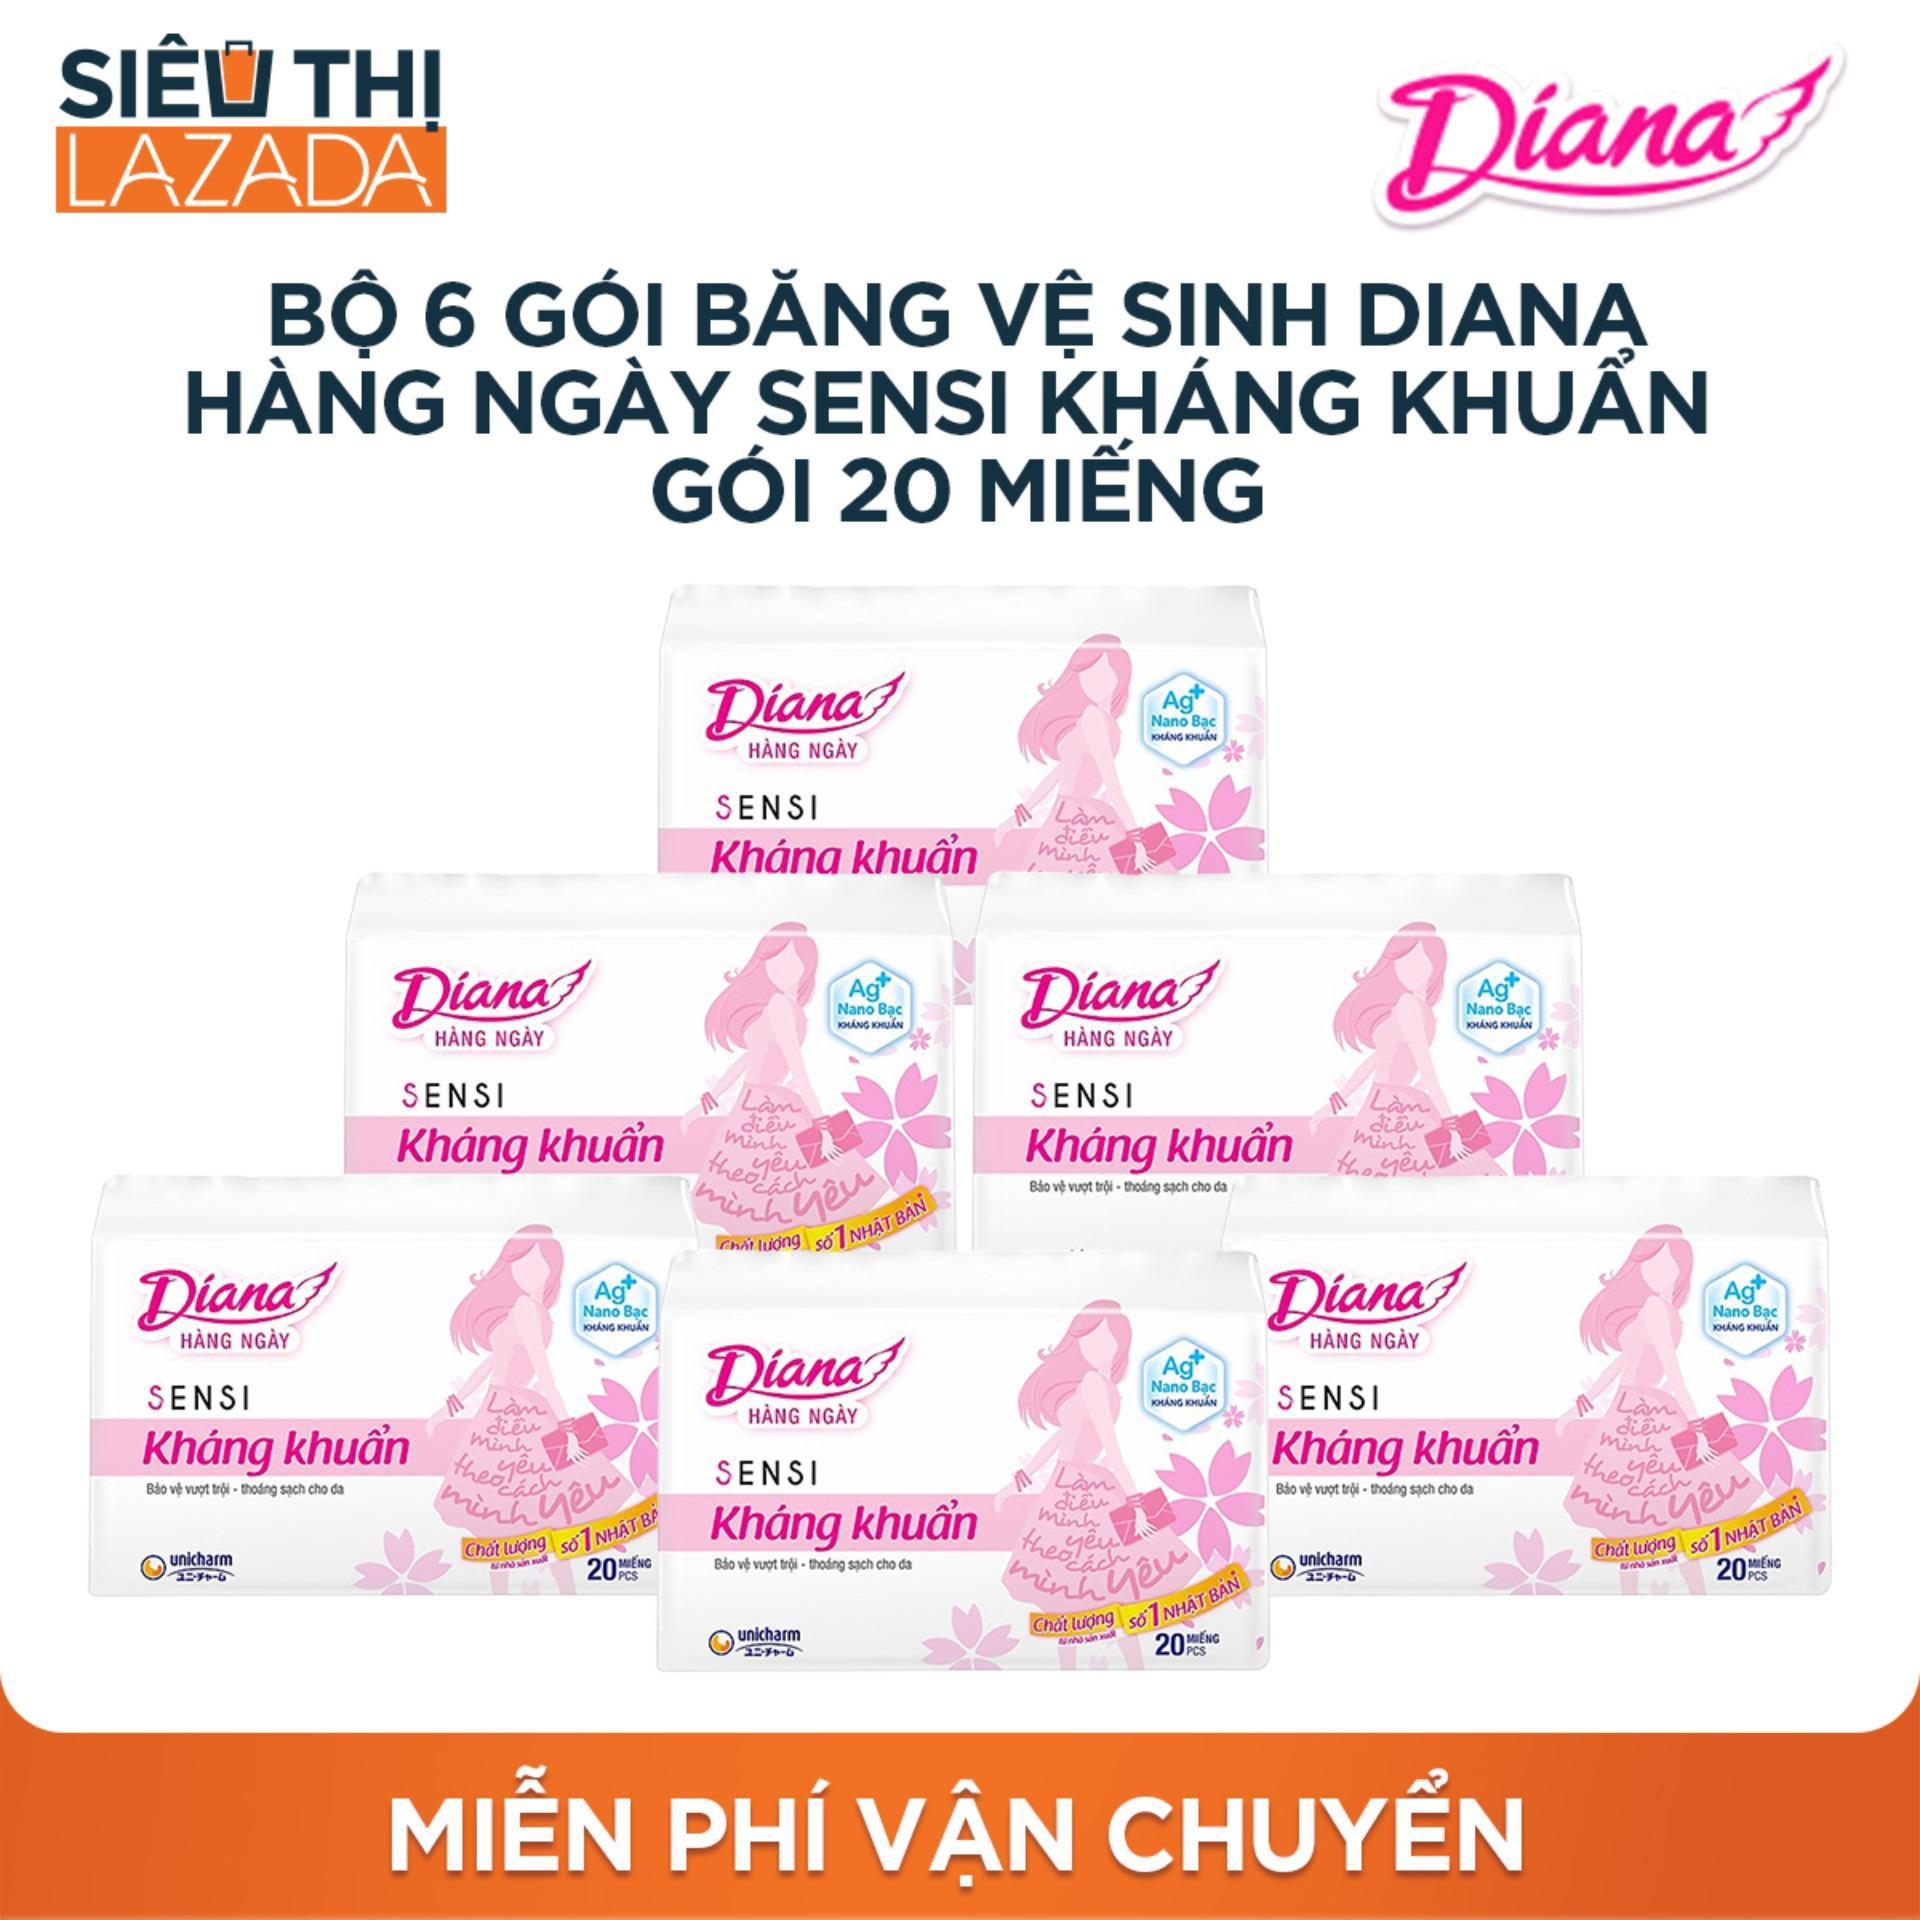 Bộ 6 gói Băng vệ sinh Diana hàng ngày SENSI kháng khuẩn Gói 20 miếng nhập khẩu